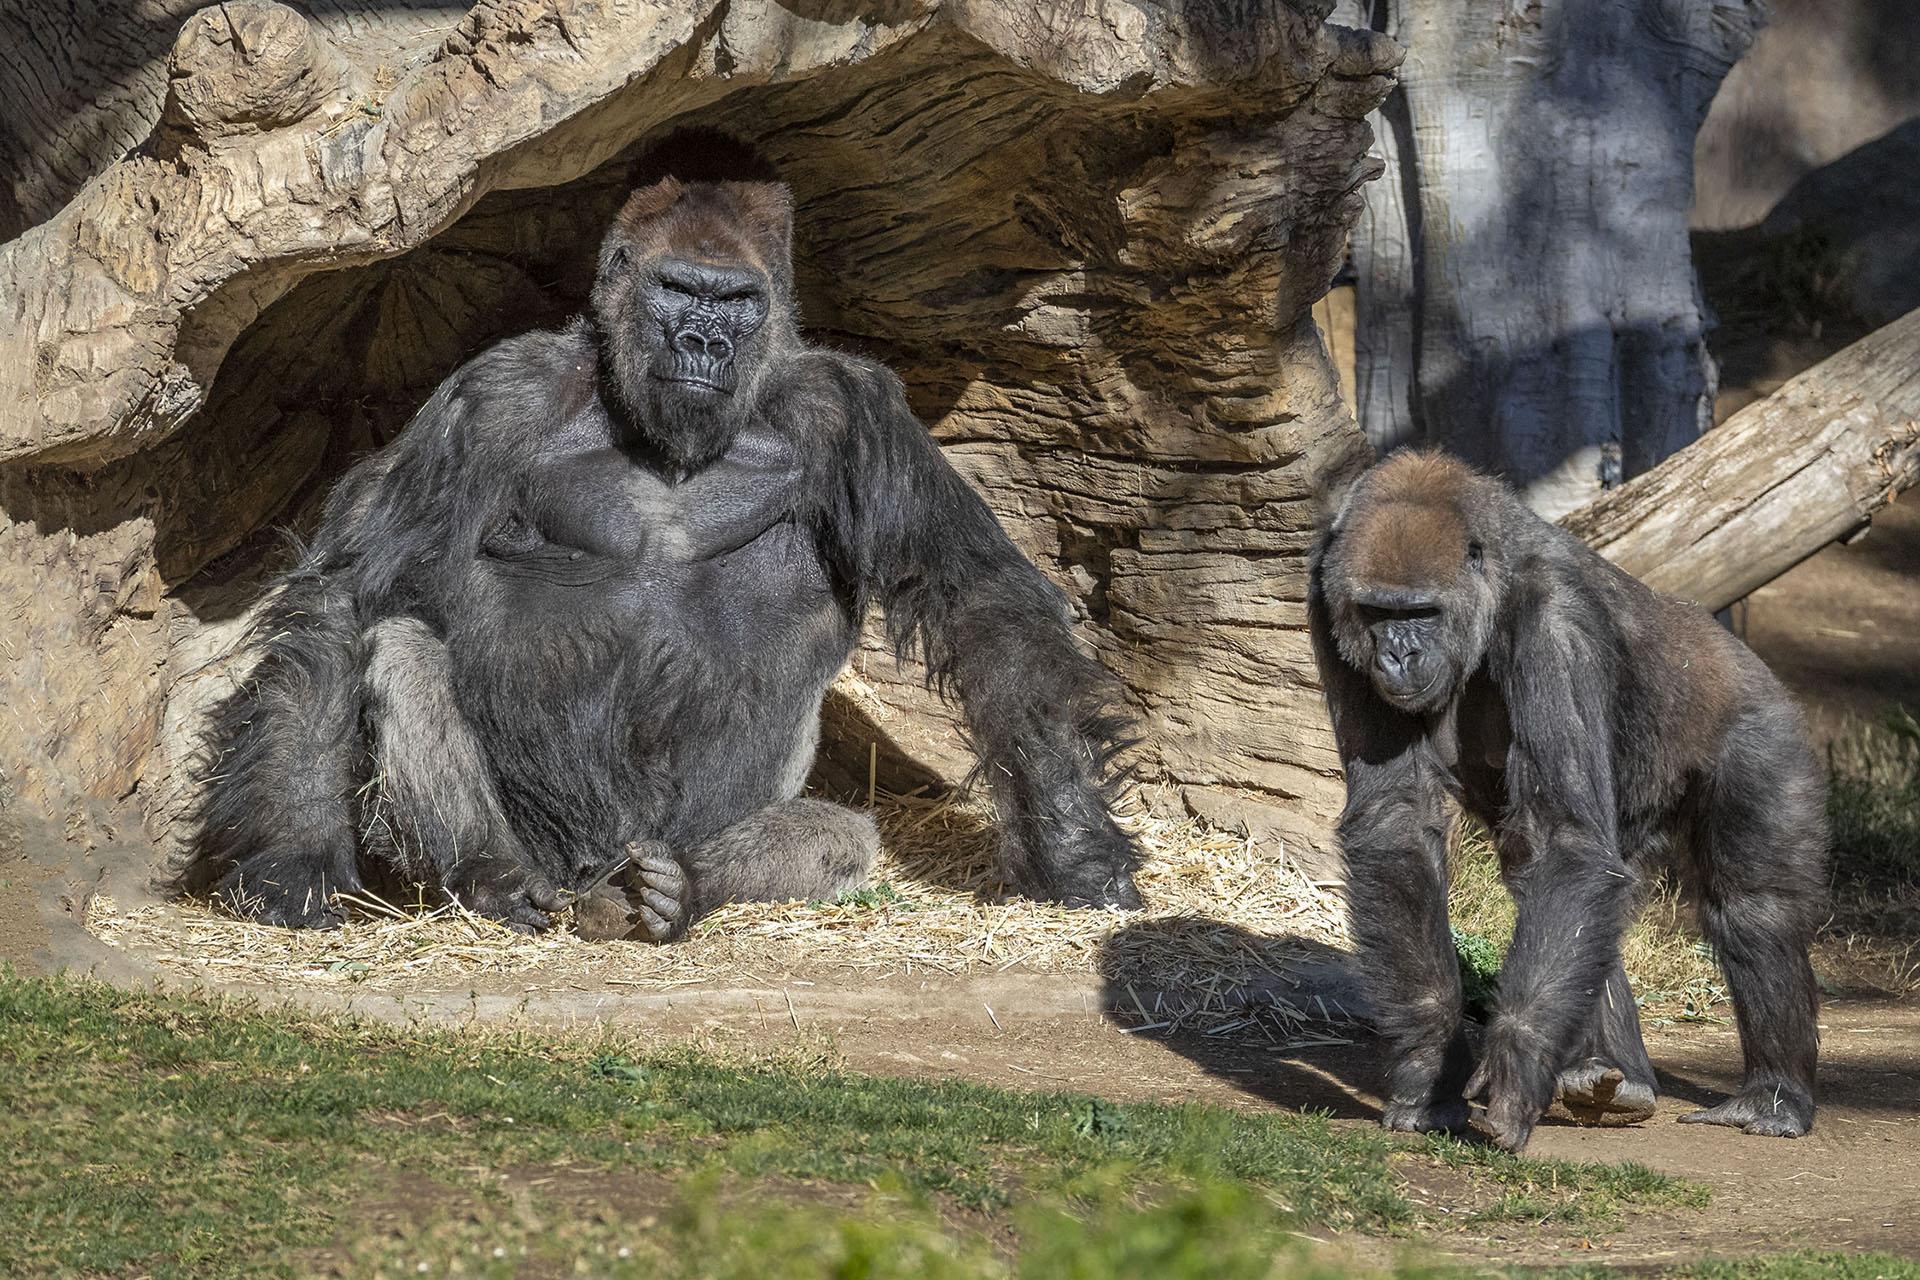 Primeiro caso confirmado de transmissão COVID-19 para macacos de grande porte